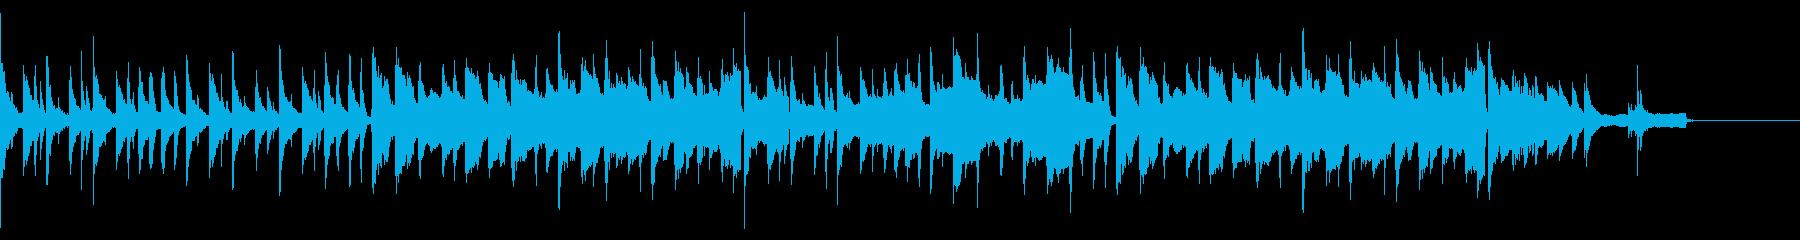 少し速めの中世吟遊詩人風。リュートと弦の再生済みの波形